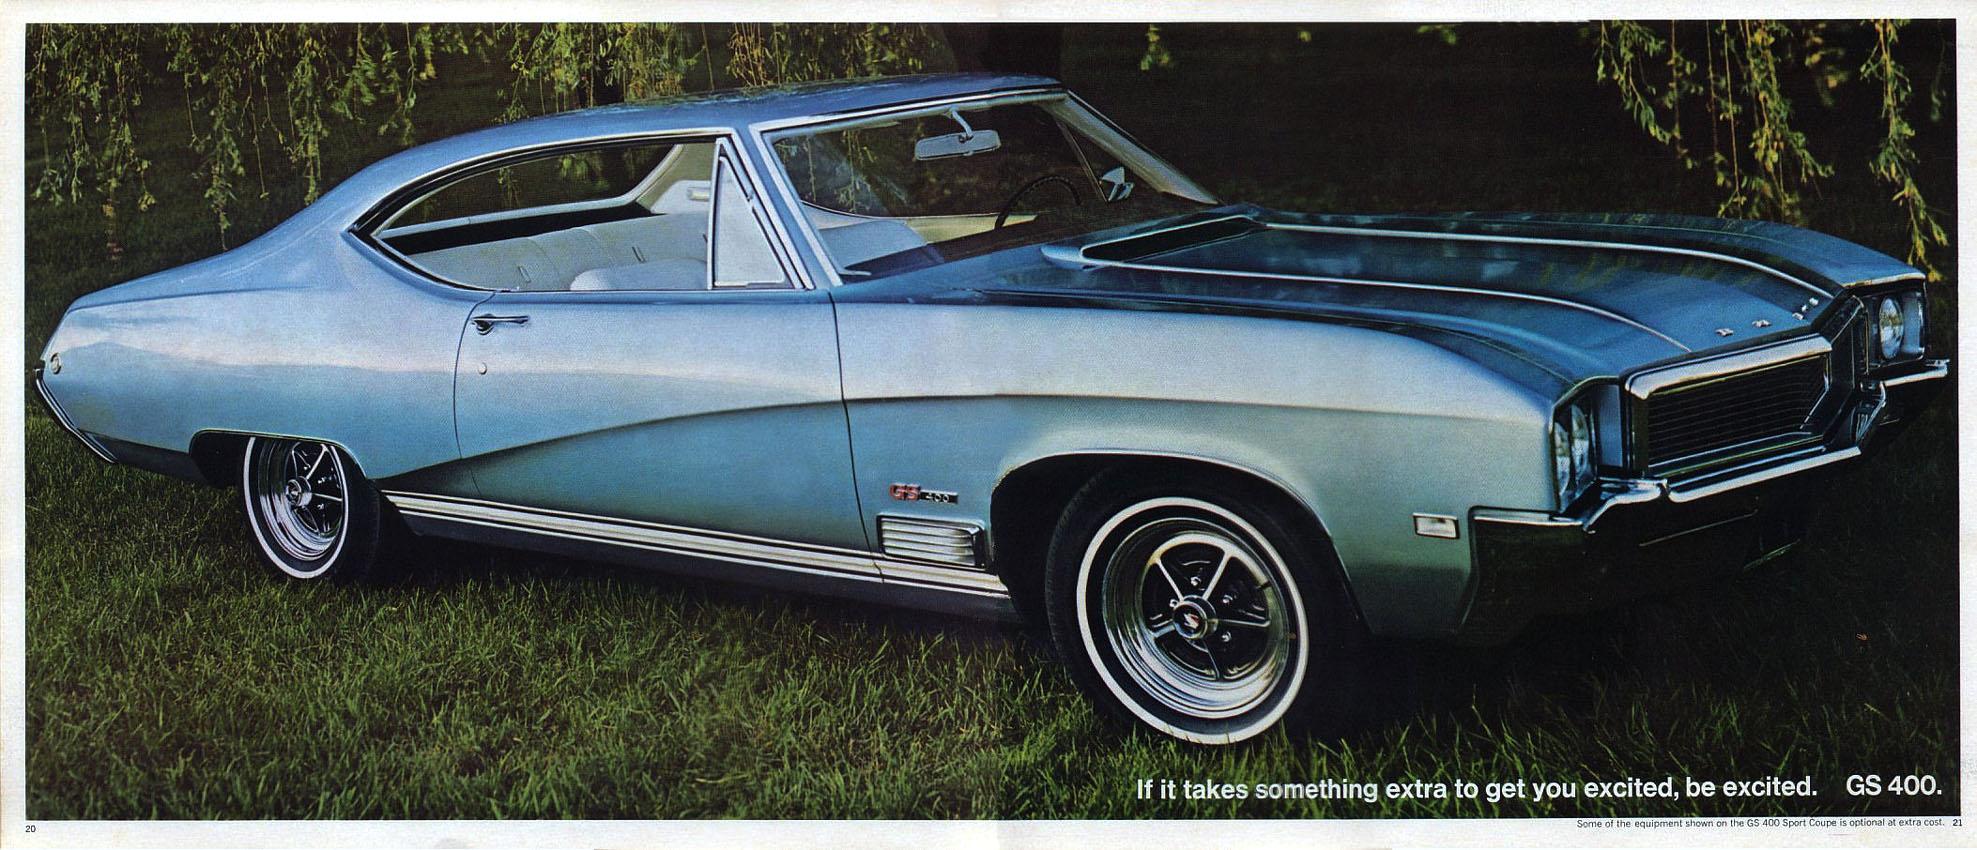 Town Car >> 1968 Buick Car Pictures - Car Canyon